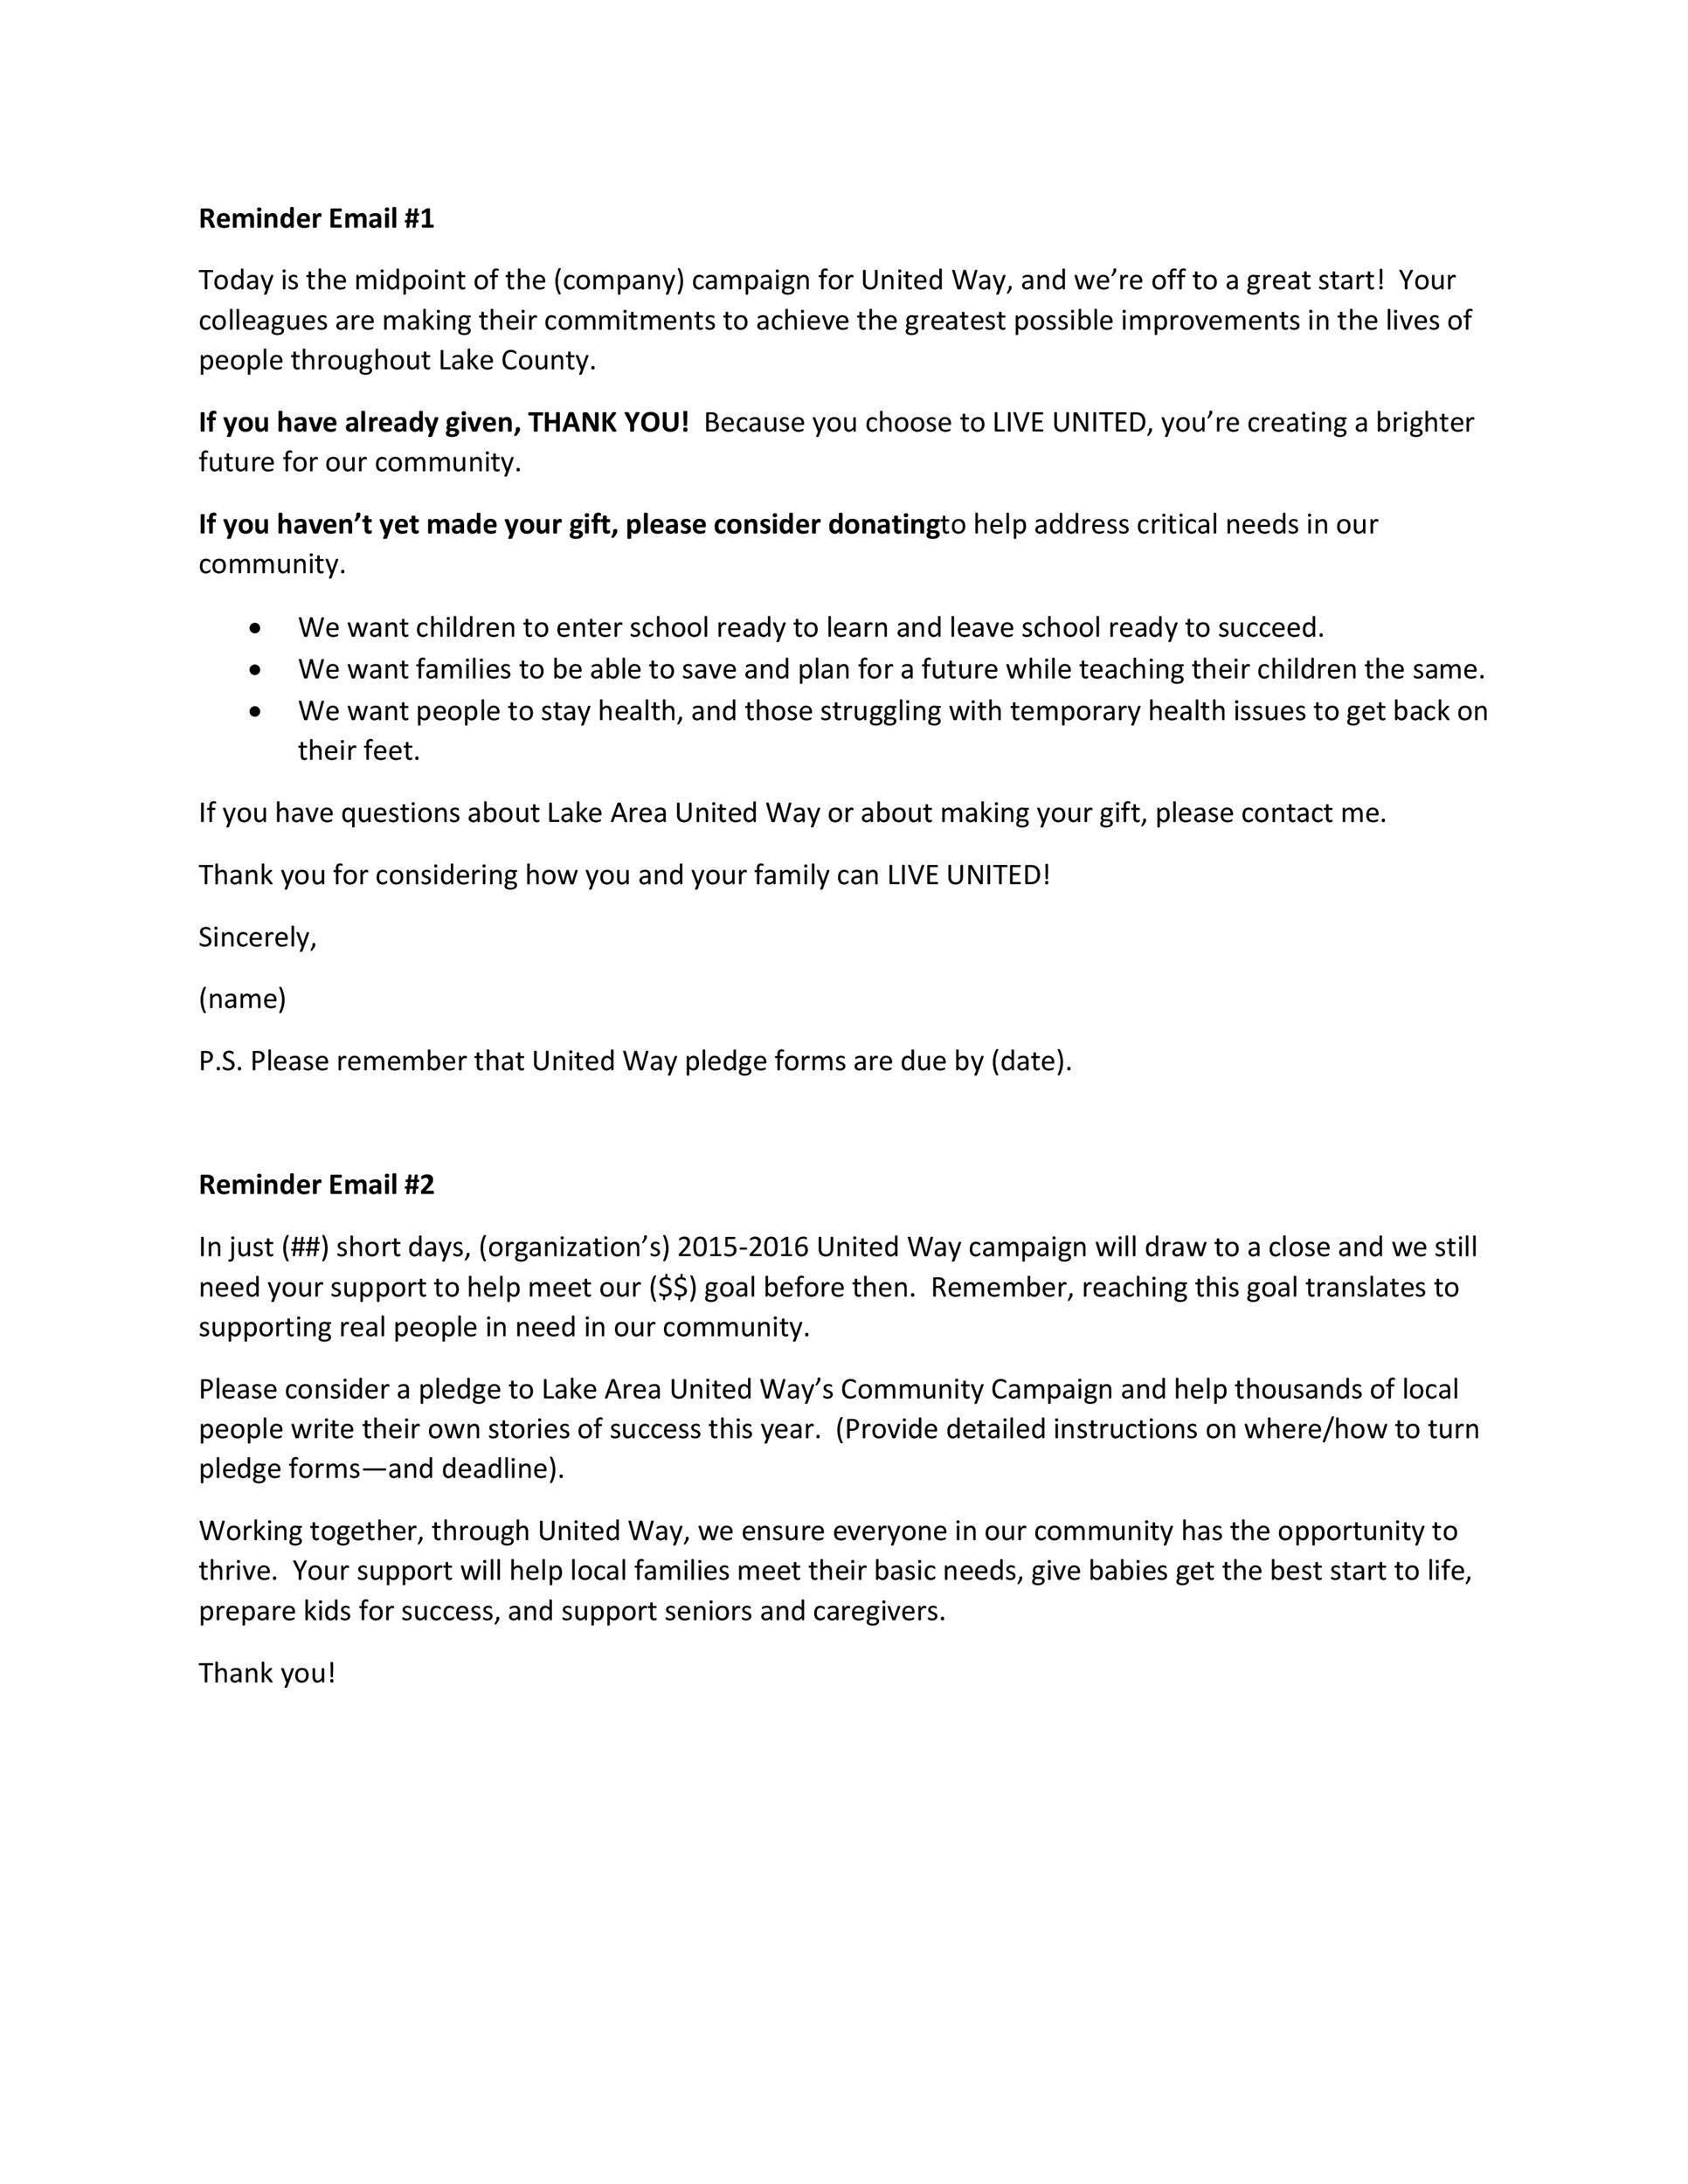 Free reminder email sample 04